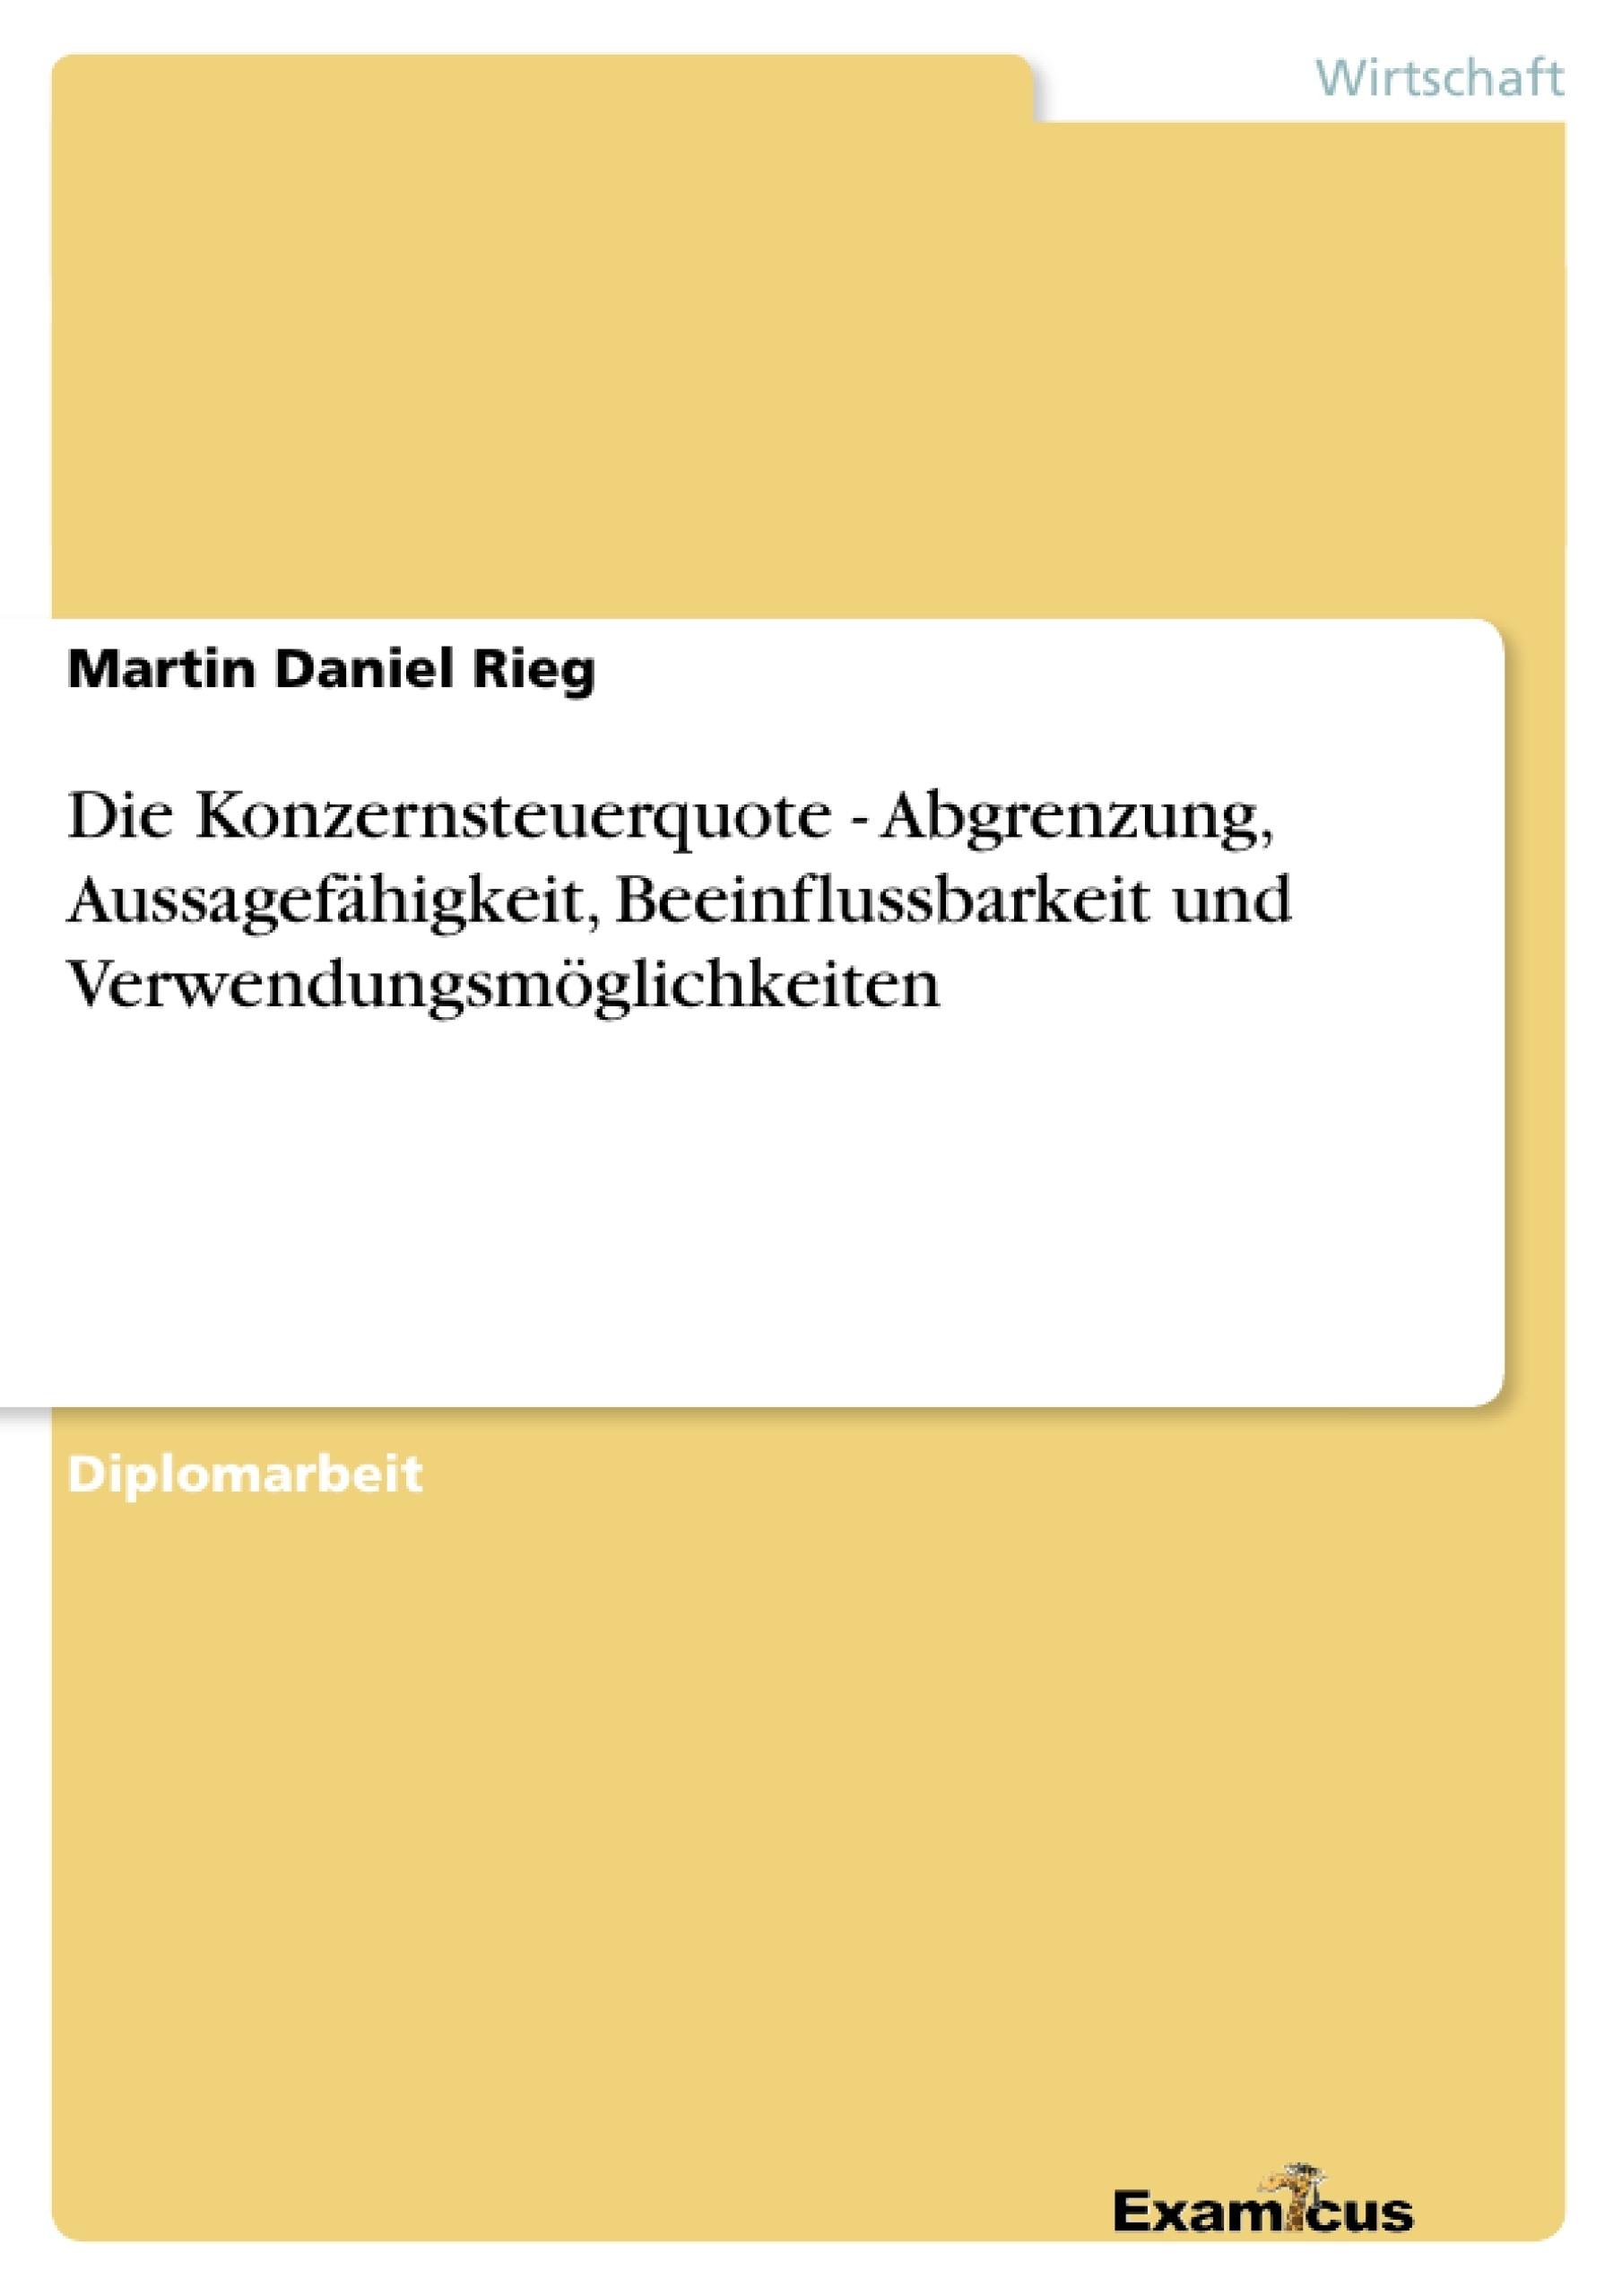 Titel: Die Konzernsteuerquote - Abgrenzung, Aussagefähigkeit, Beeinflussbarkeit und Verwendungsmöglichkeiten